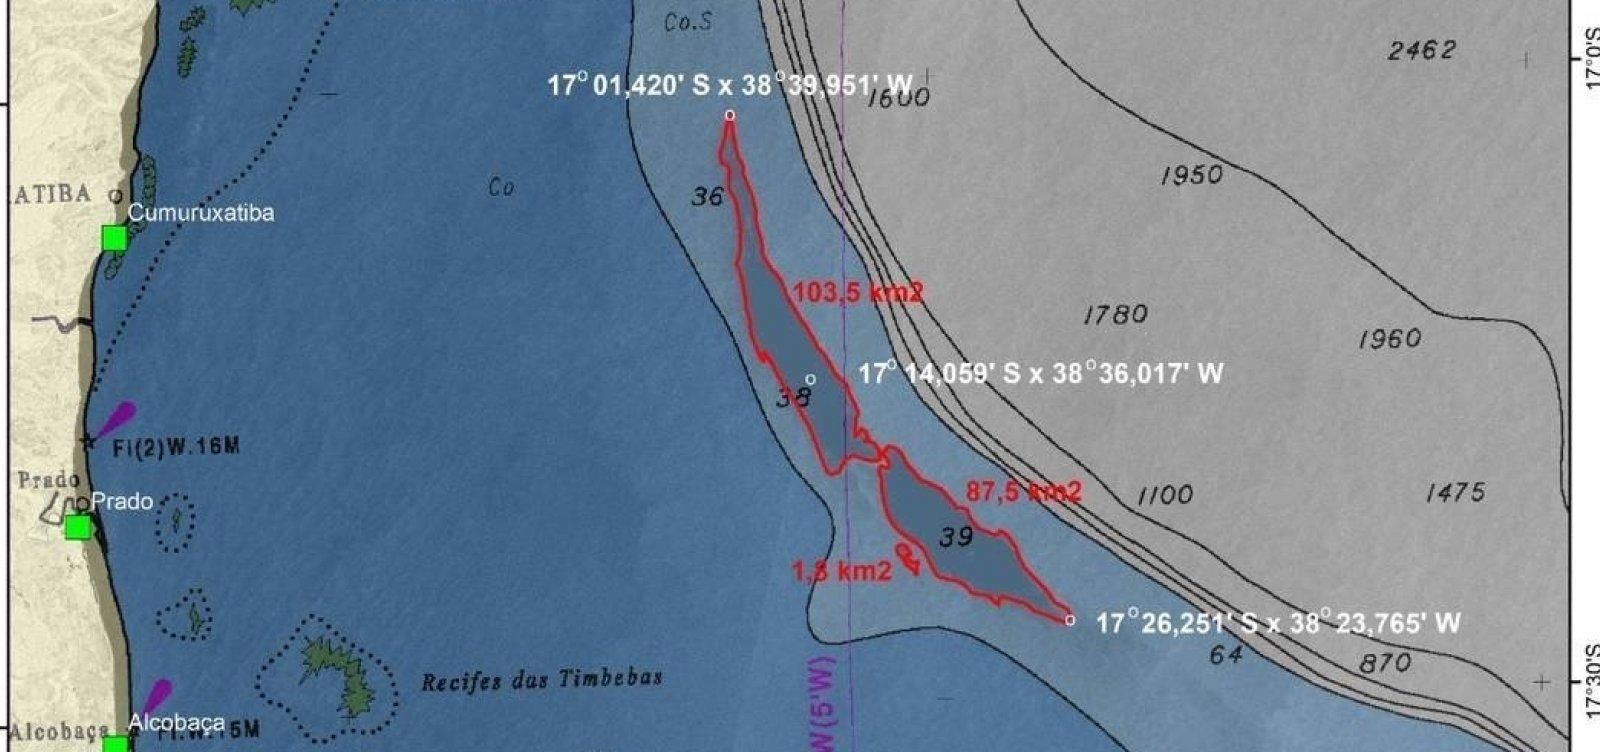 Pesquisadores do Rio encontram grande mancha de óleo no mar perto da costa na Bahia